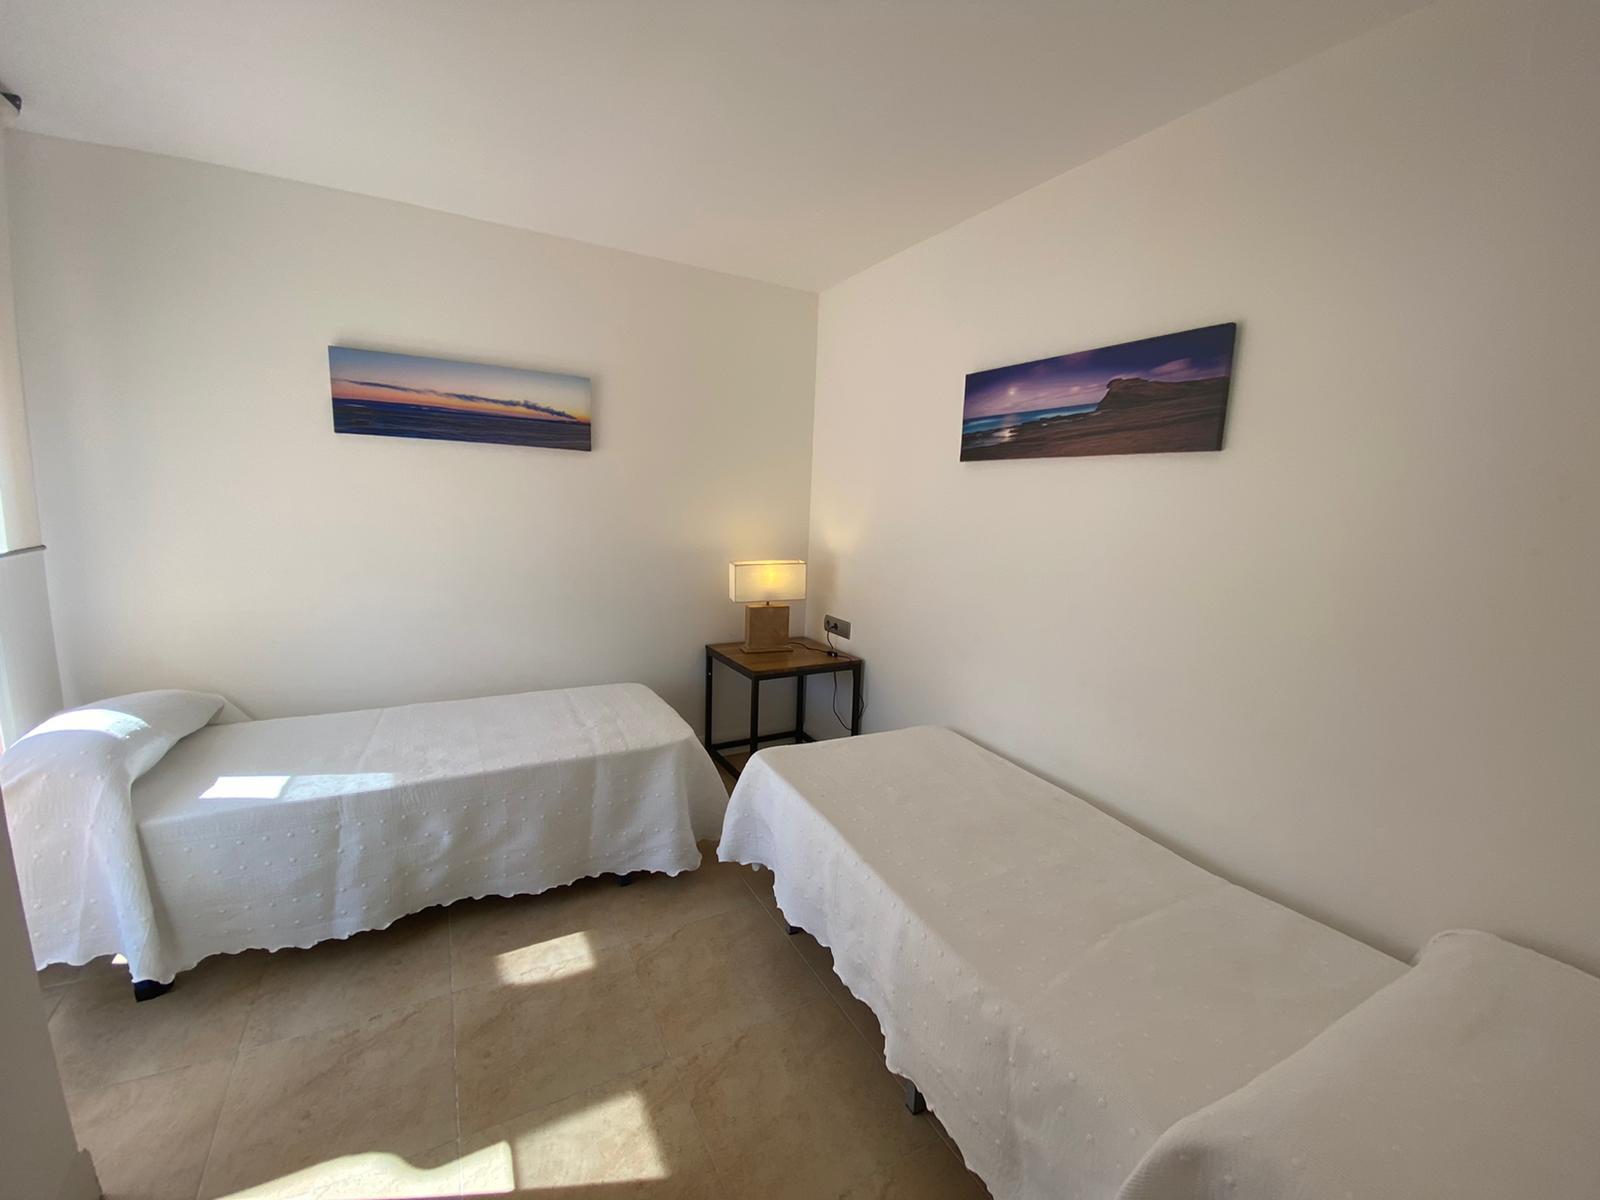 Imagen 29 del Apartamento Turístico, Ático 8 Central (3d+2b), Punta del Moral (HUELVA), Paseo de la Cruz nº22